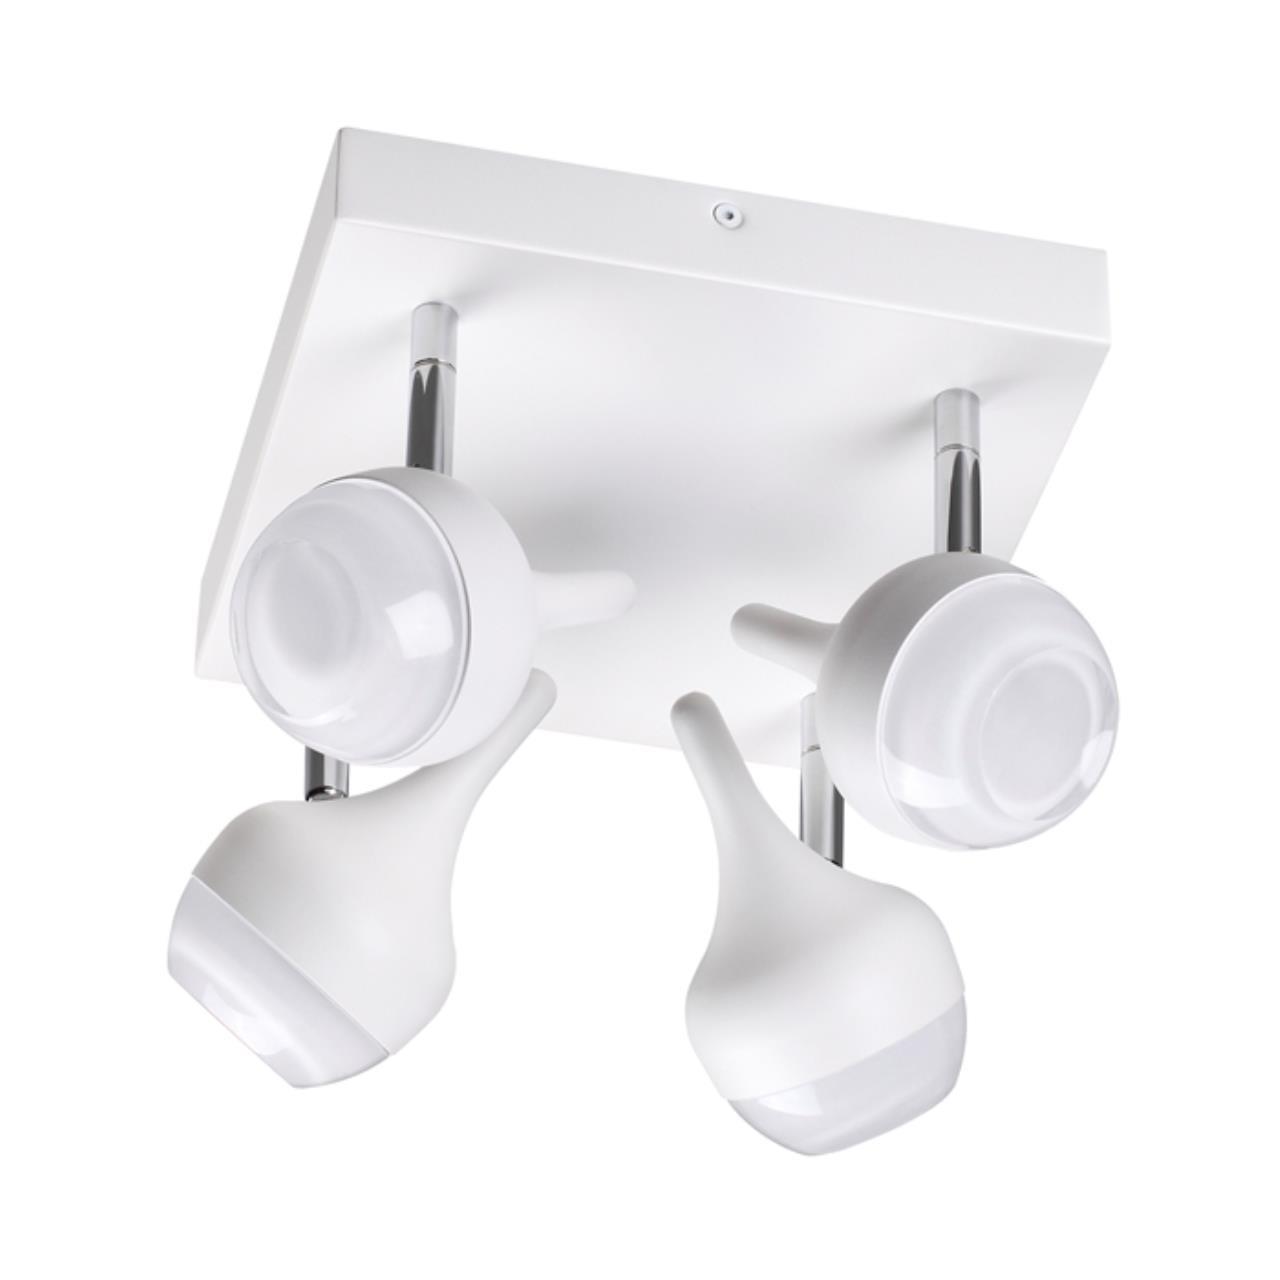 3819/32CL L-VISION ODL19 белый потолочный светильник LED 32W 220V JOLIE